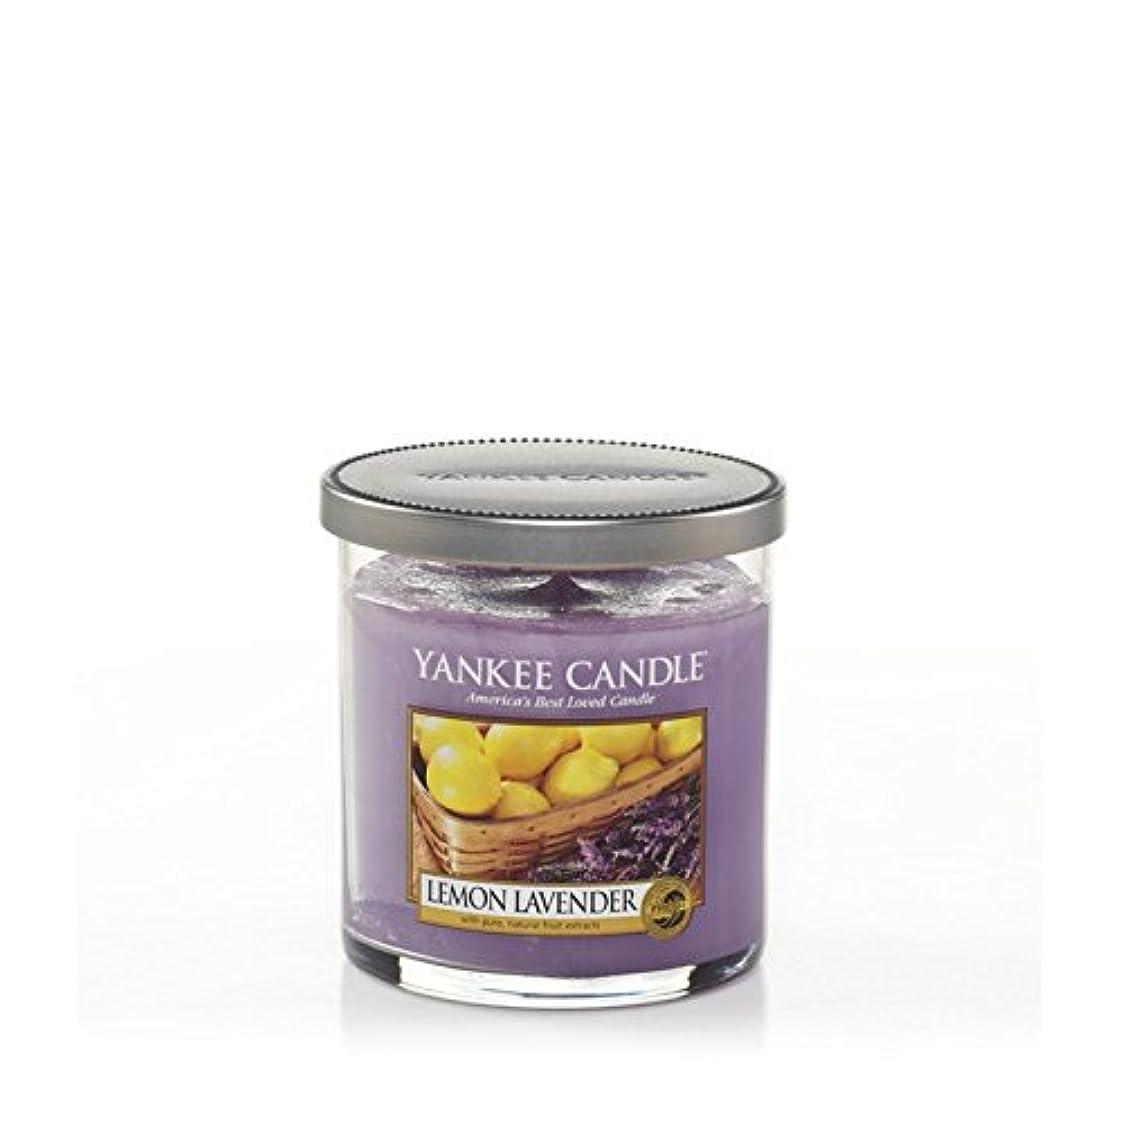 投げる満州軽減ヤンキーキャンドルの小さな柱キャンドル - レモンラベンダー - Yankee Candles Small Pillar Candle - Lemon Lavender (Yankee Candles) [並行輸入品]